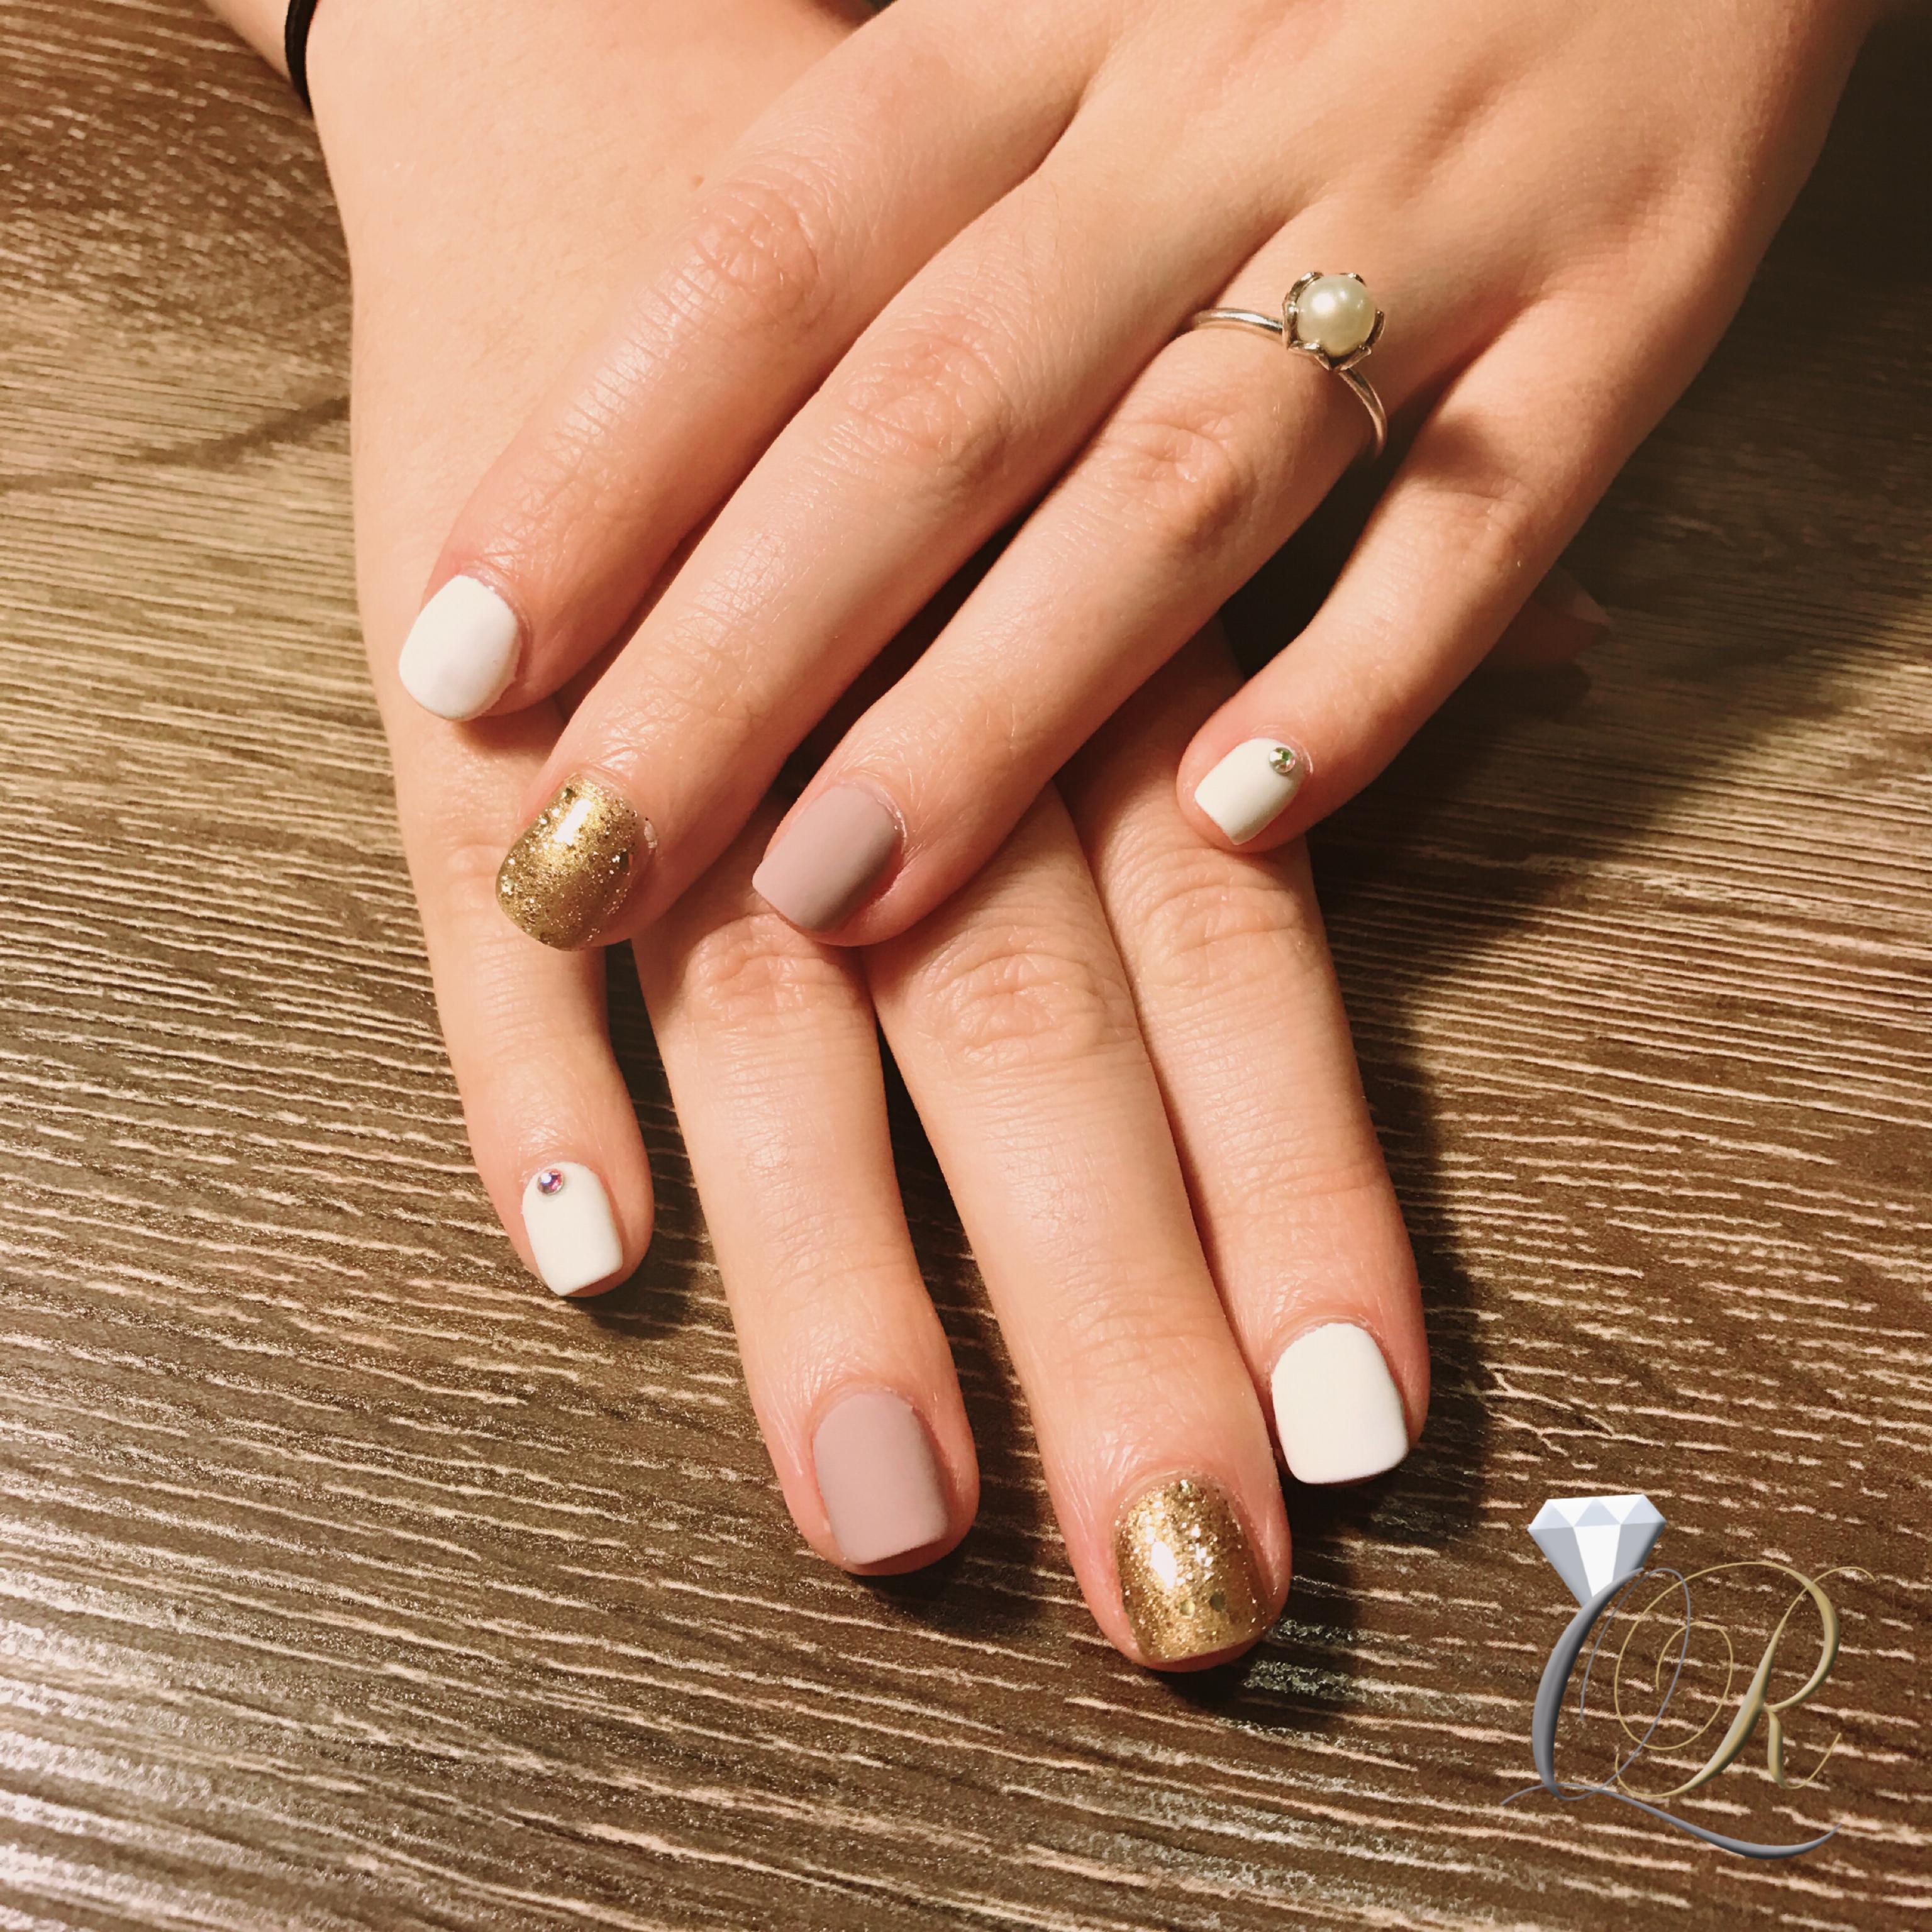 Qroyalty brisbane nails nail art wedding nails q royalty nails qroyalty brisbane nails nail art wedding nails prinsesfo Images